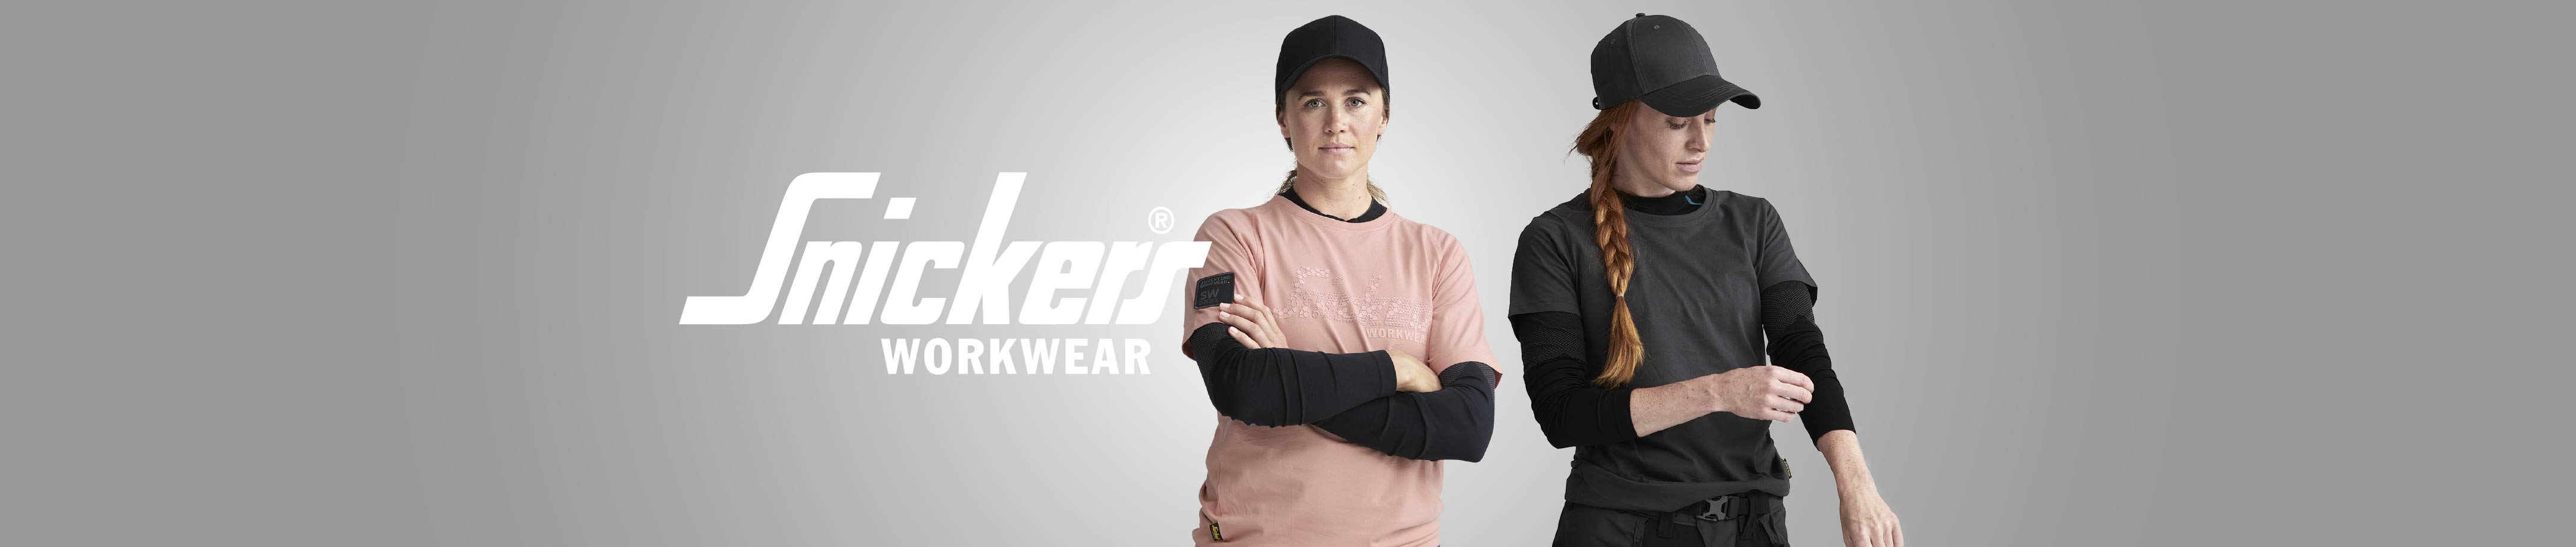 Work underwear